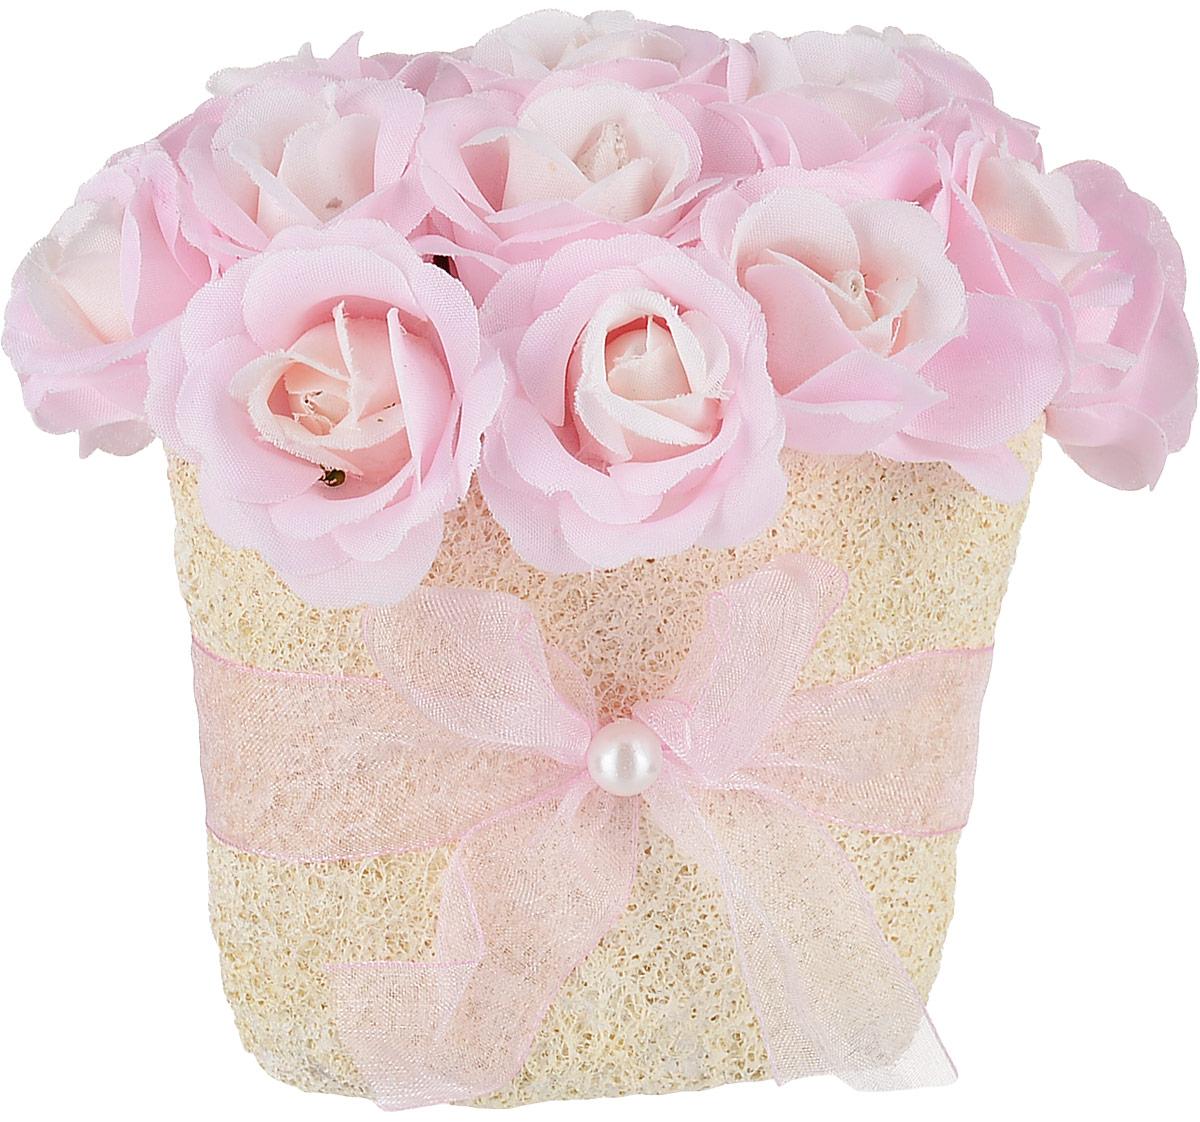 Композиция цветочная NoName, 13 x 10 x 11 см, цвет: светло-розовый79061Цветочная композиция NoName - это прекрасная возможность украсить, оживить любой интерьер.